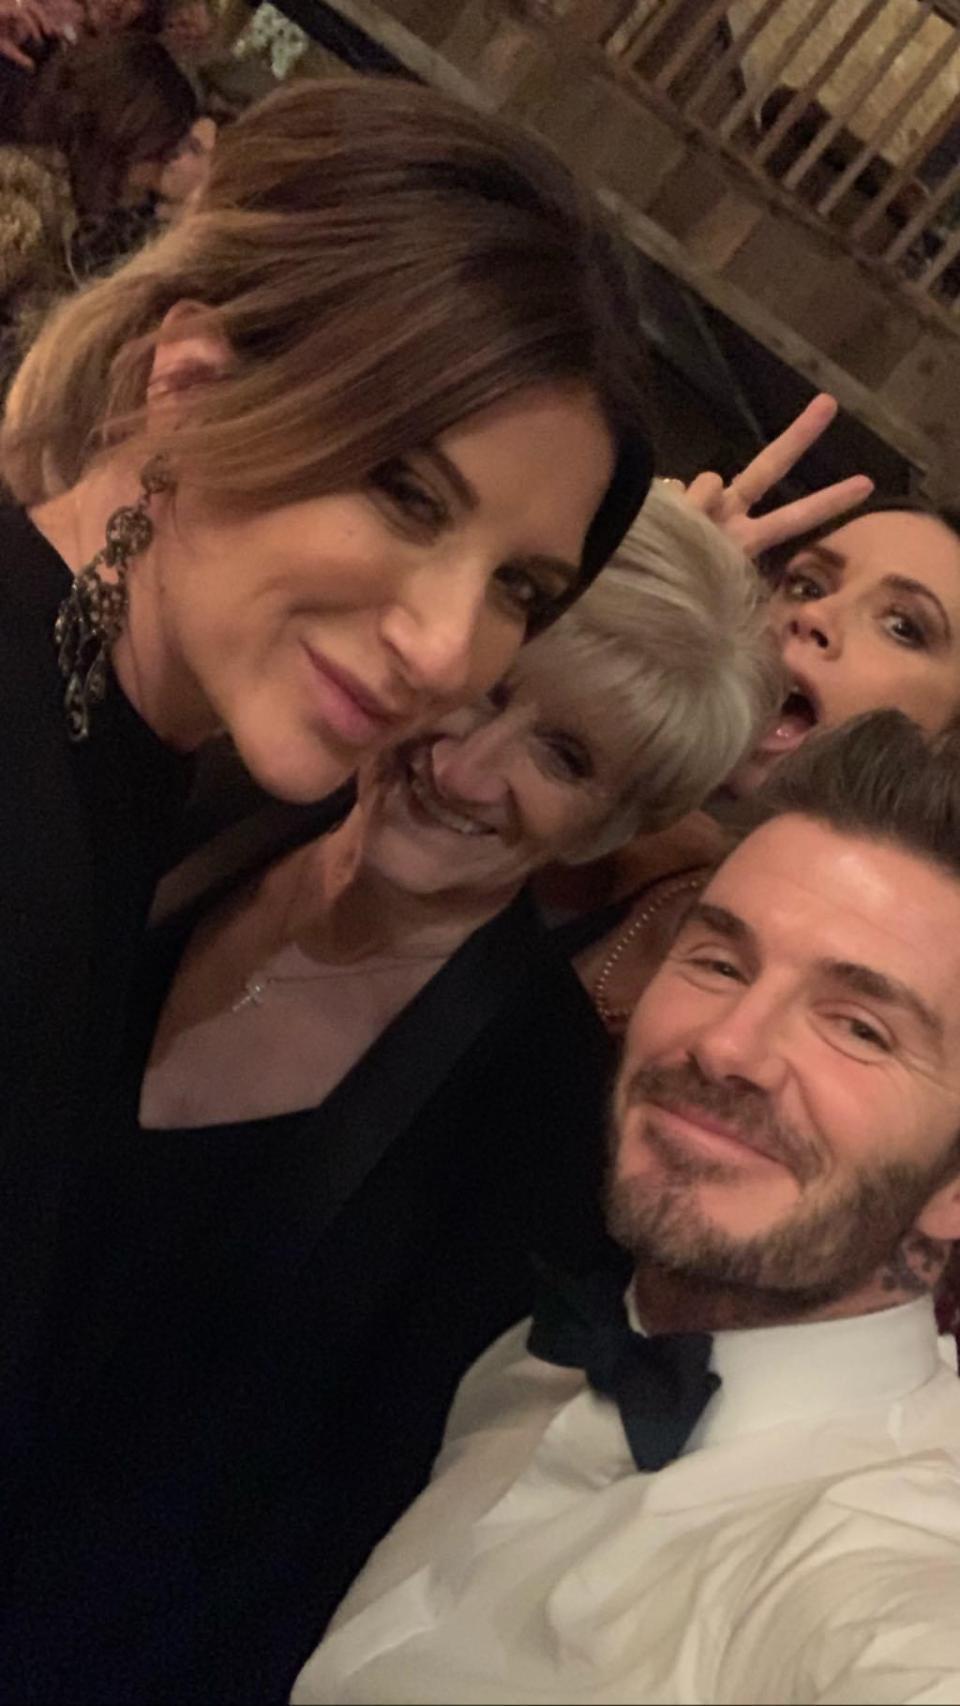 Cuộc sống khó khăn trái ngược của chị gái và David Beckham